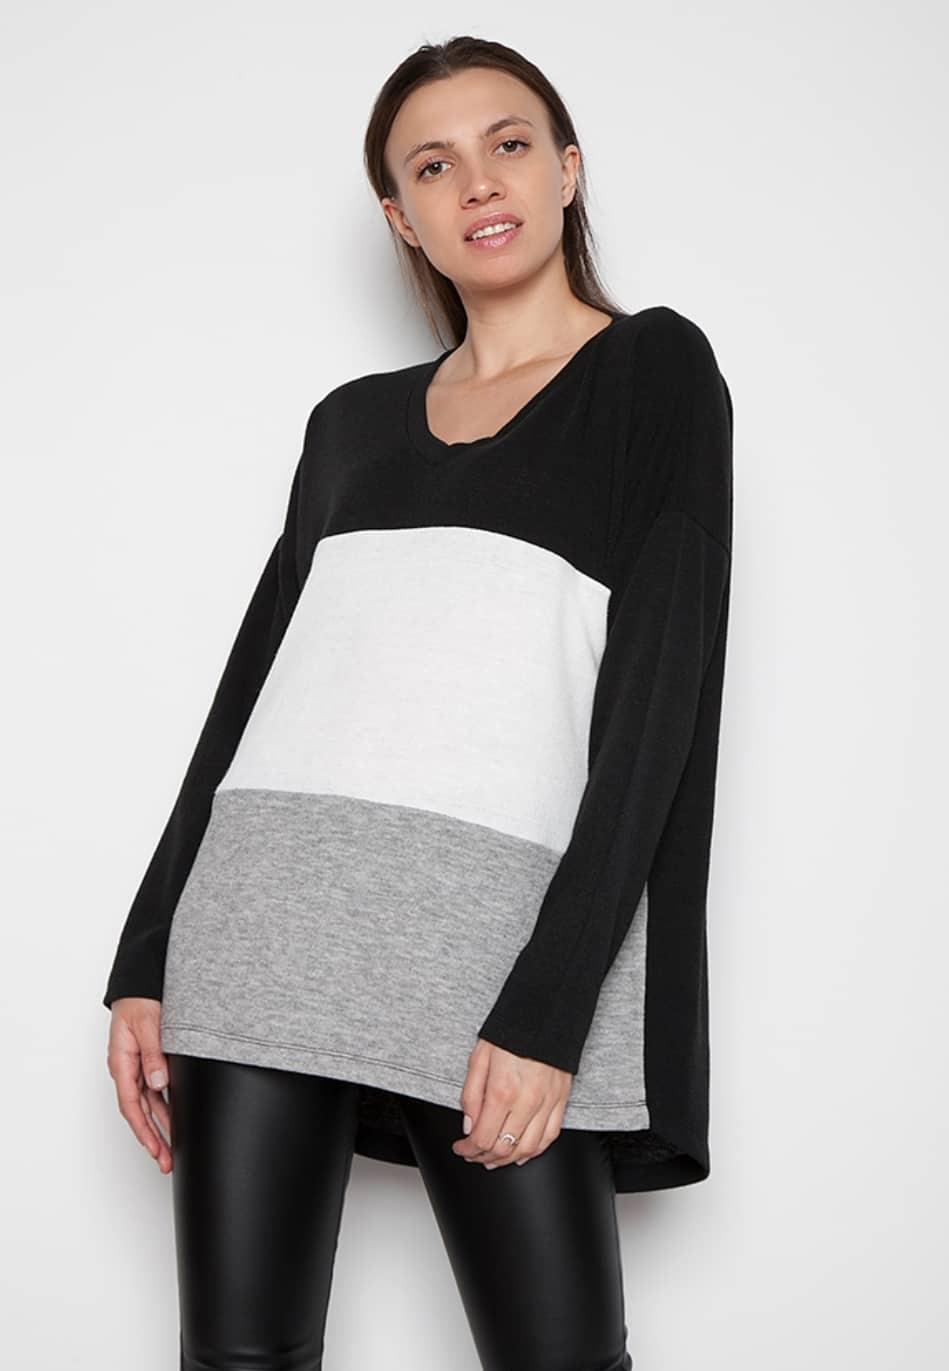 Γυναικεία μπλούζα μακριά πλεκτή με συνδυασμό (μαύρο-λευκό-γκρι) c515c6fca6f